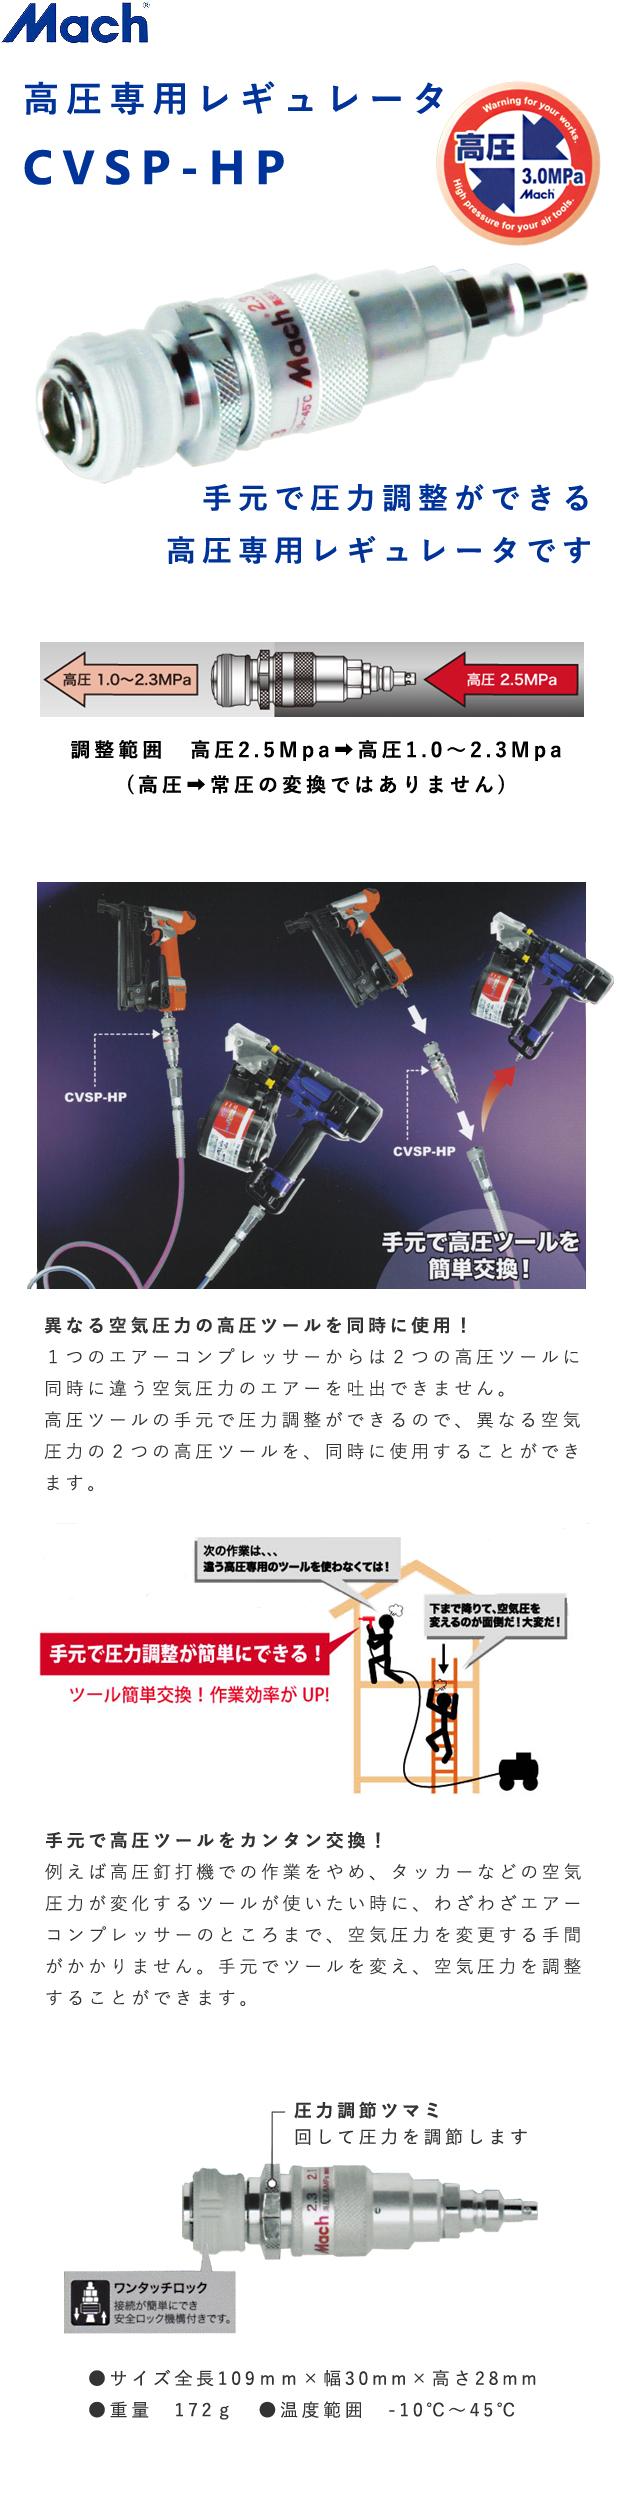 マッハ 高圧専用レギュレータ CVSP-HP